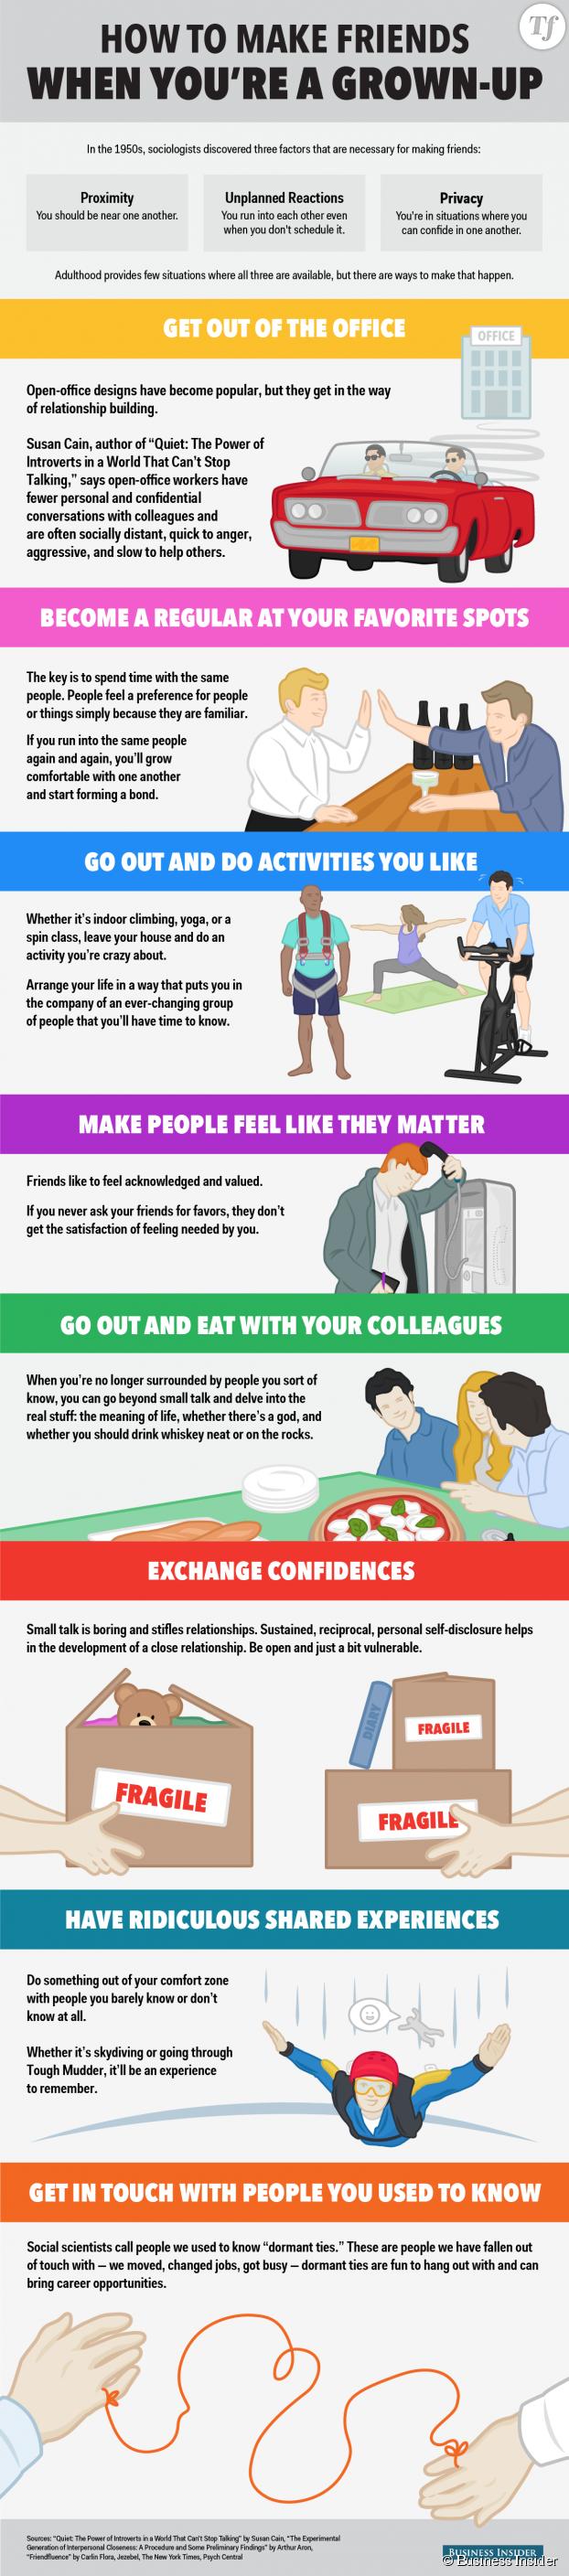 Conseils pour se faire de nouveaux amis quand on est adulte.